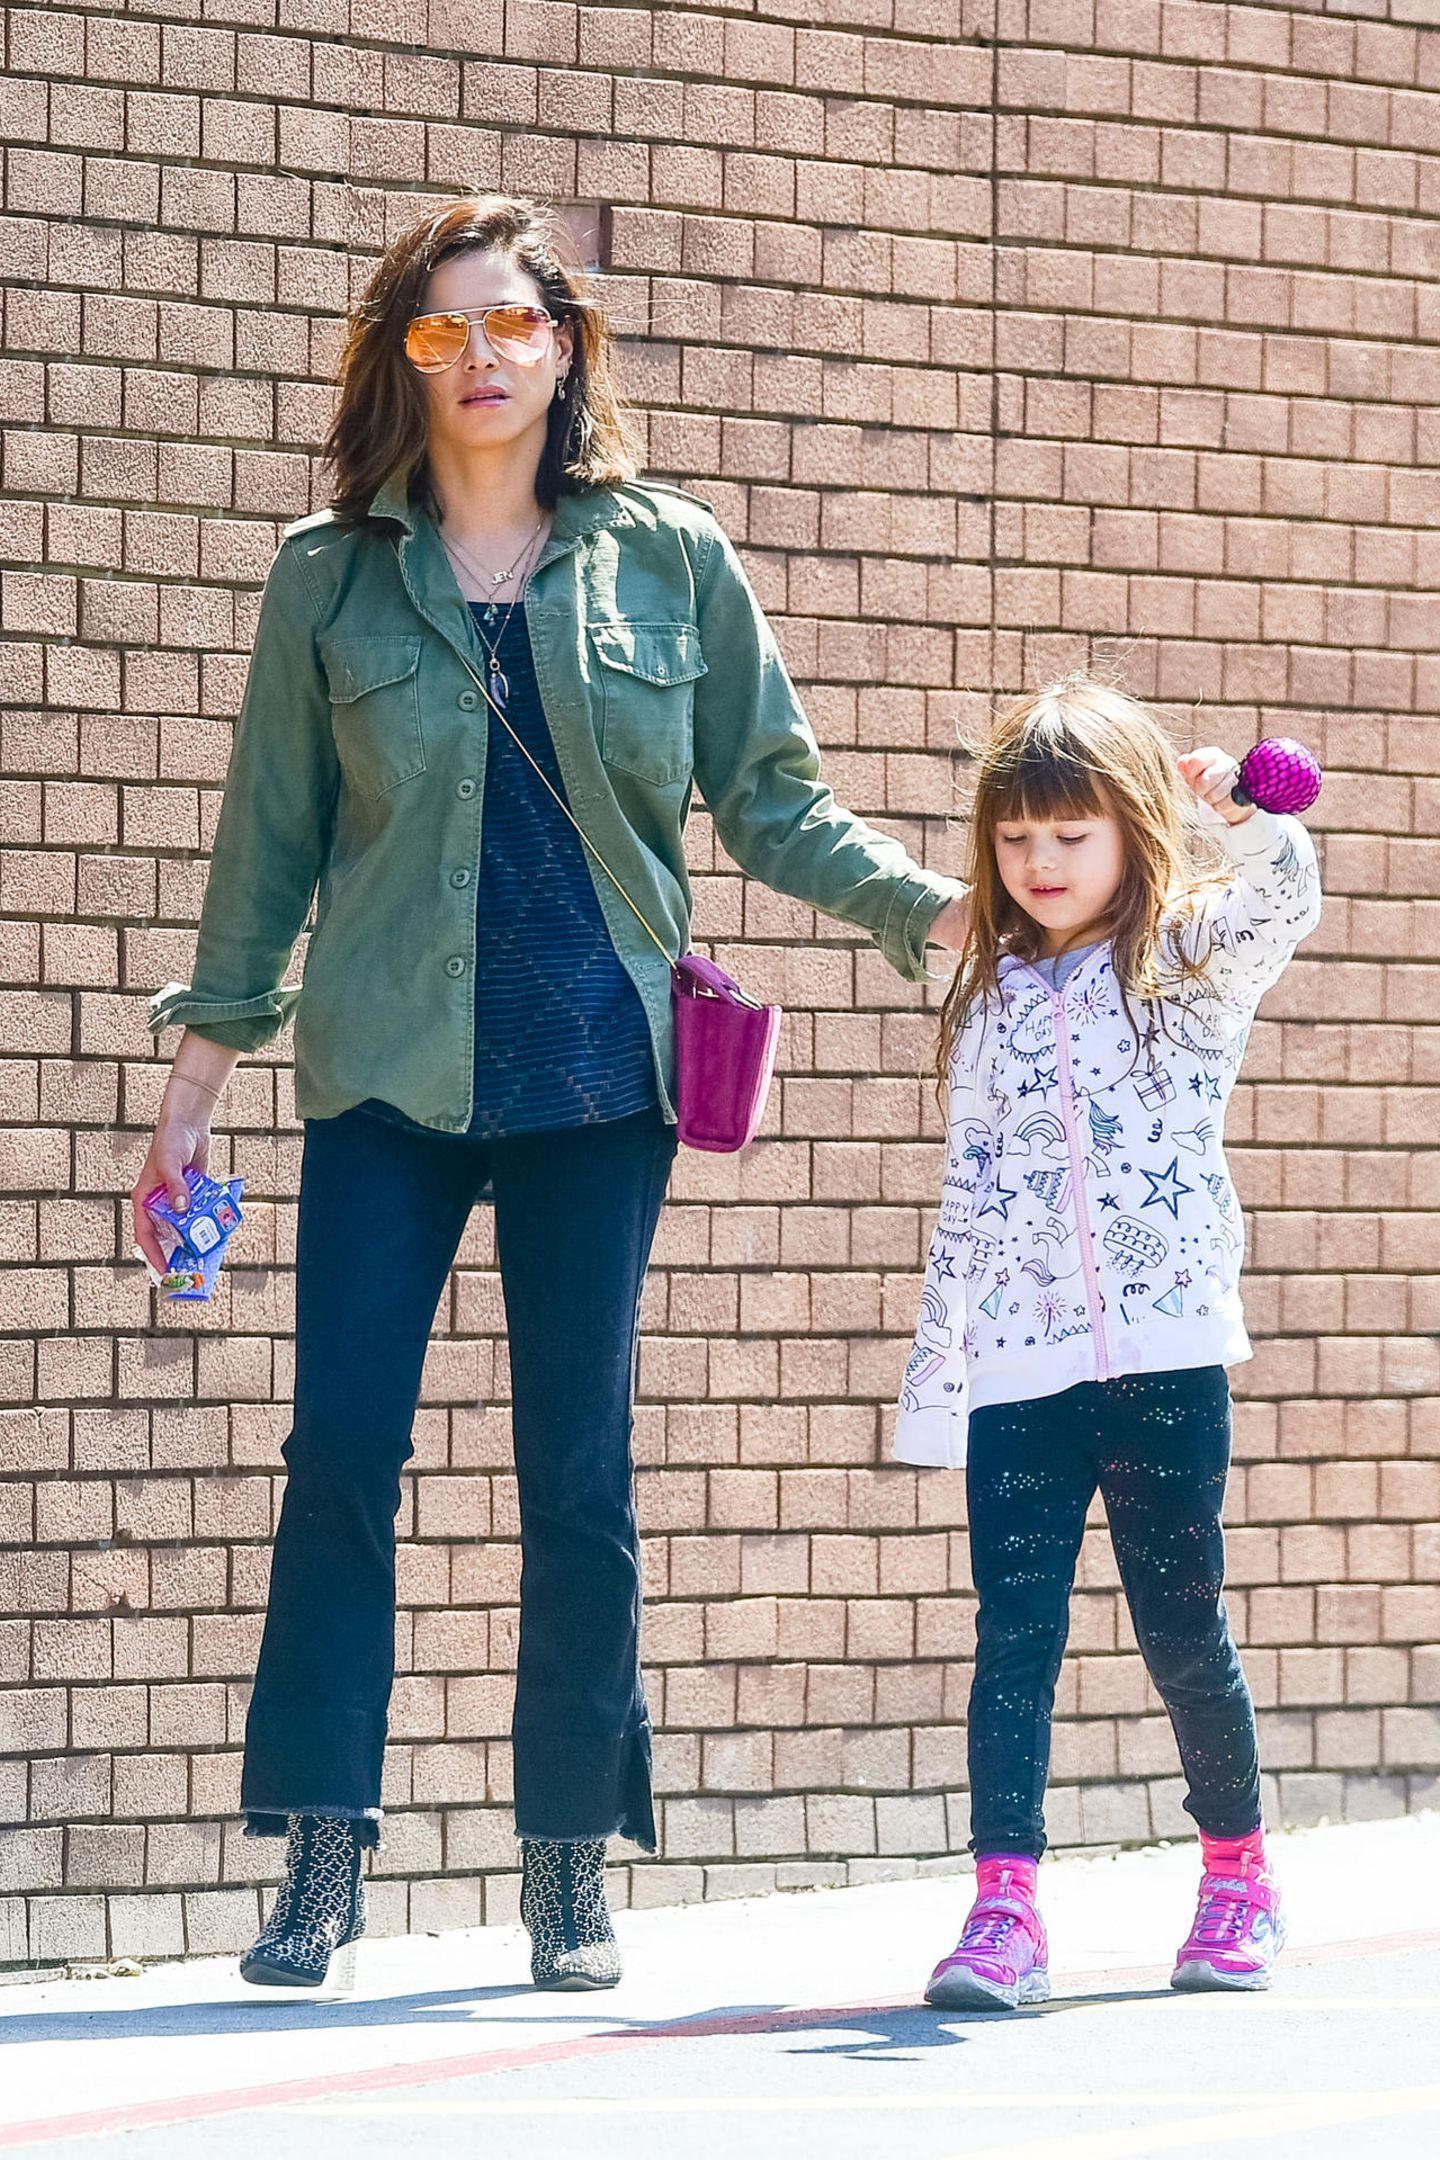 Für tägliche Mama-To-Dos hatJenna Dewan einen komfortablen, aber sehr coolen Streetstyle ausgesucht. Tochter Everly scheint Mamas Hang zu pinken Eyecatchern zu teilen.